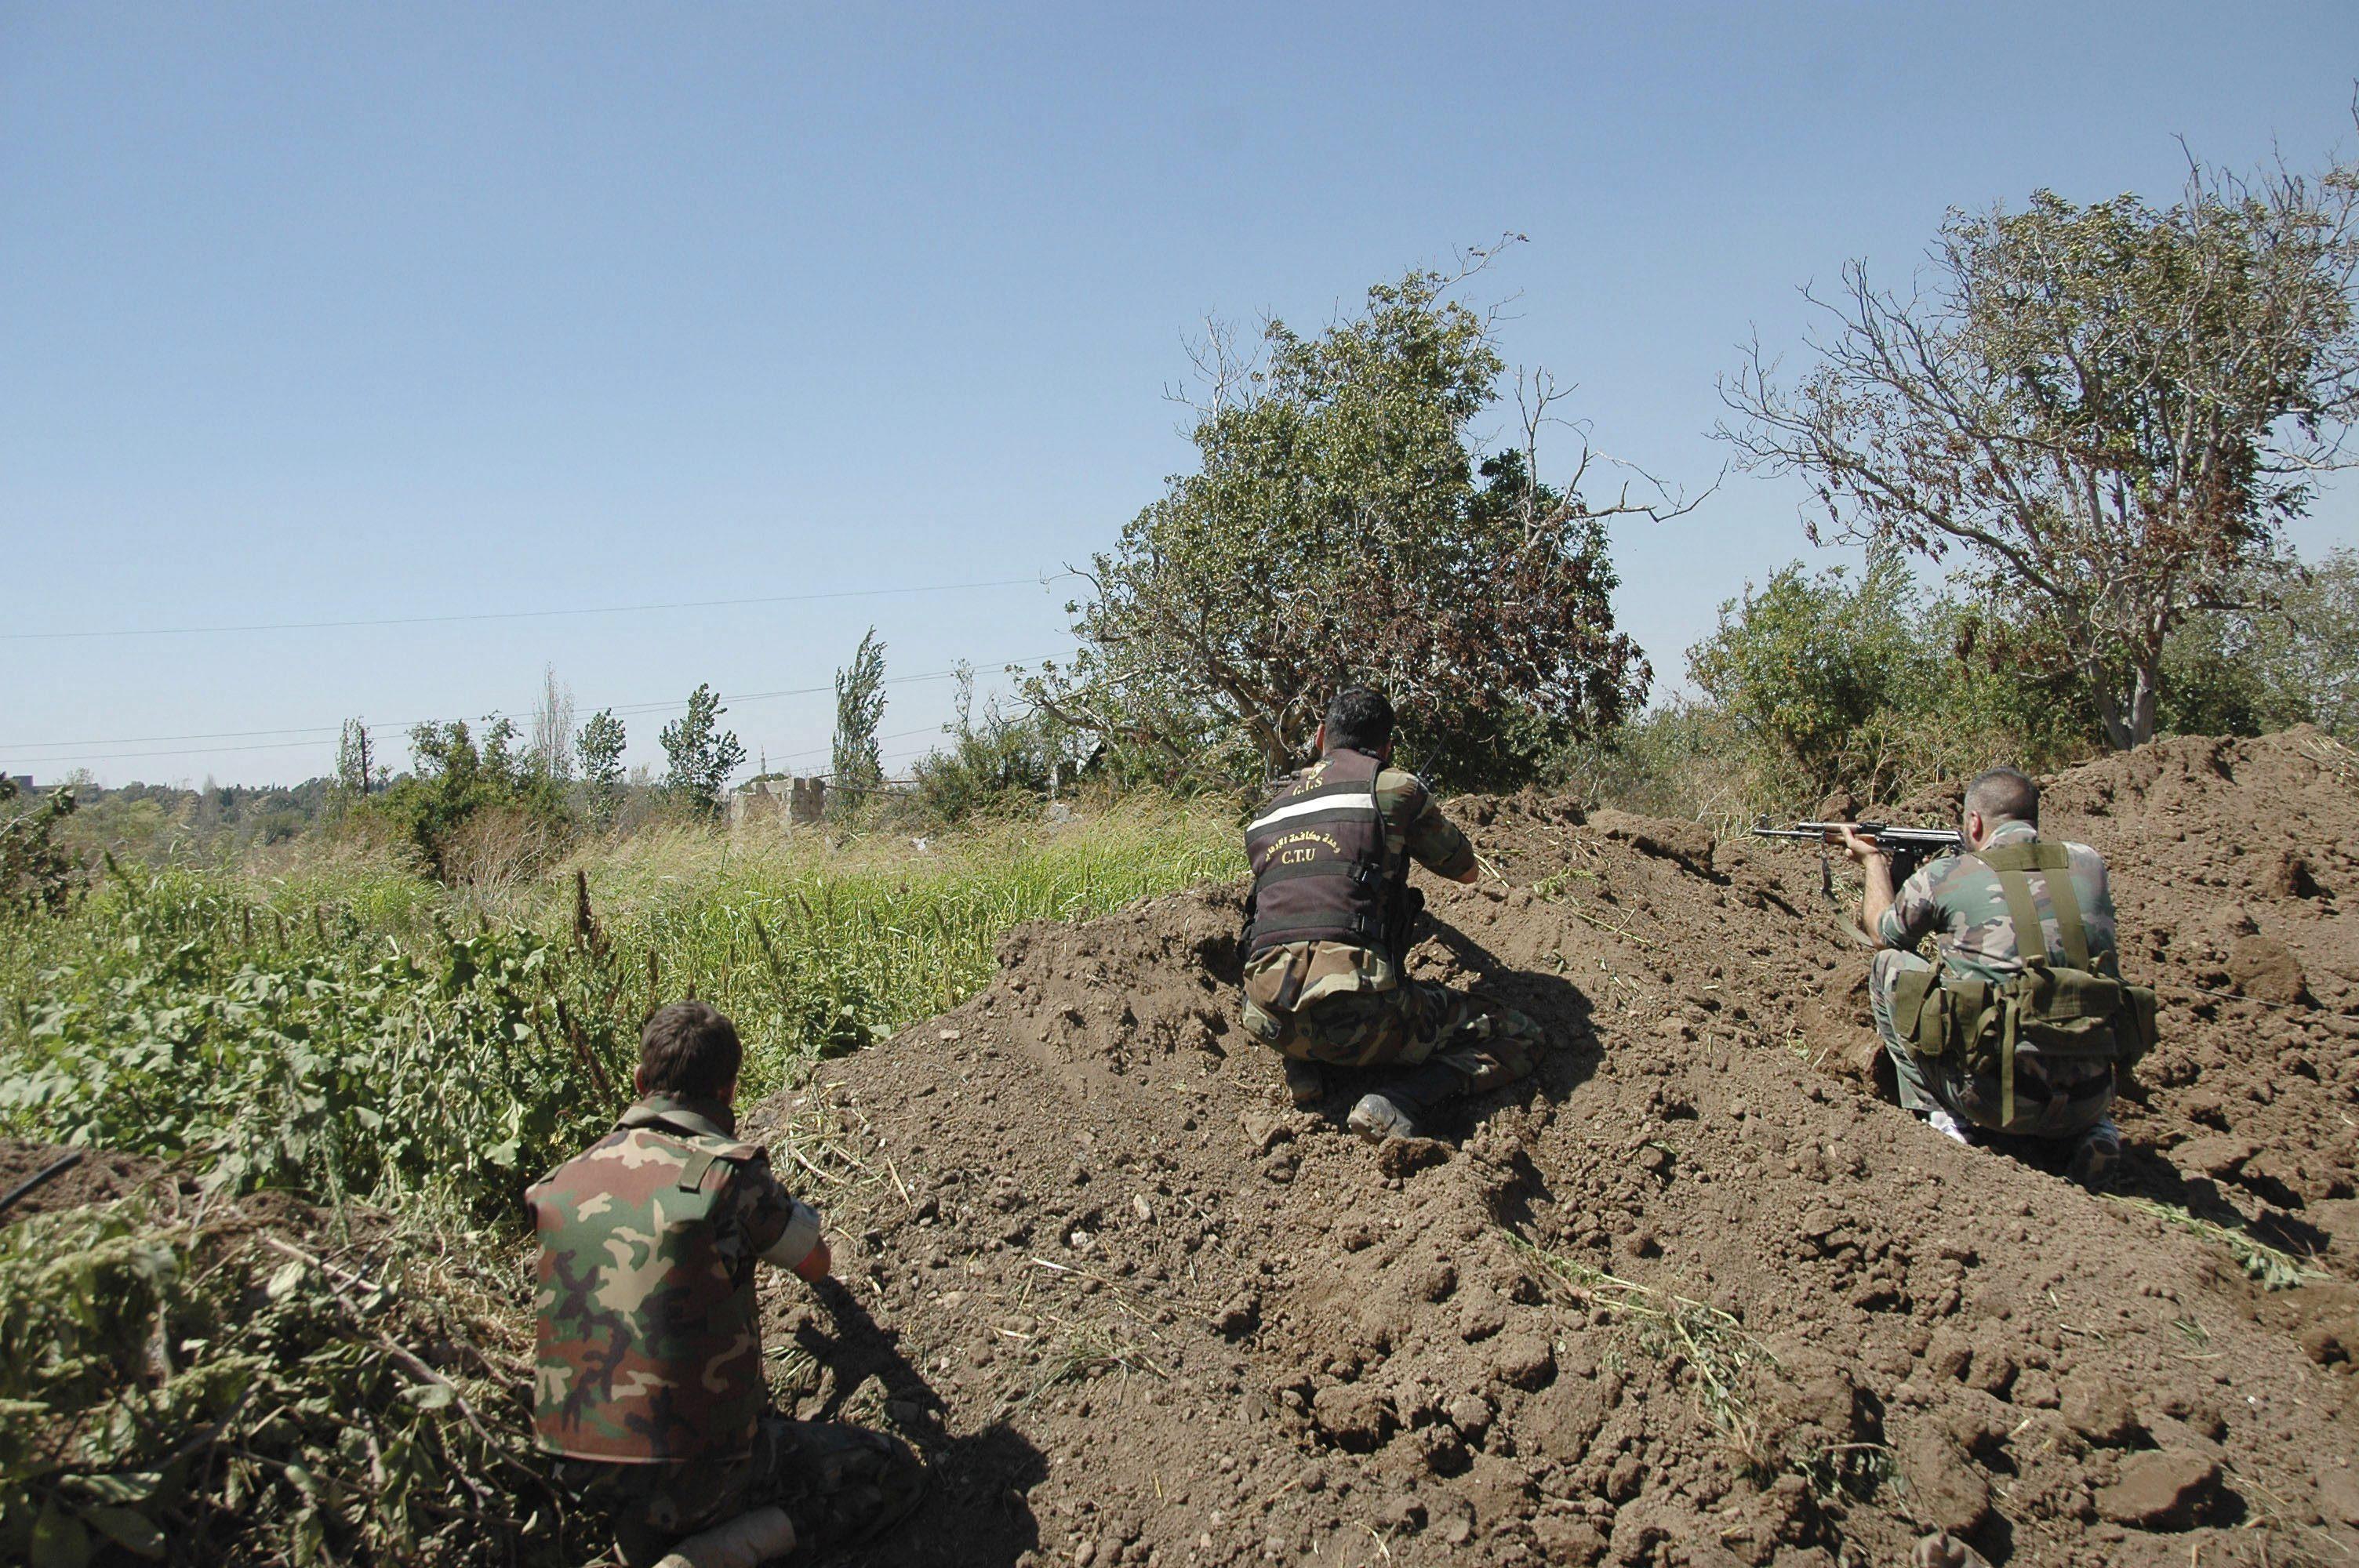 Los rebeldes pierden una ciudad del norte en manos de combatientes de Al Qaeda